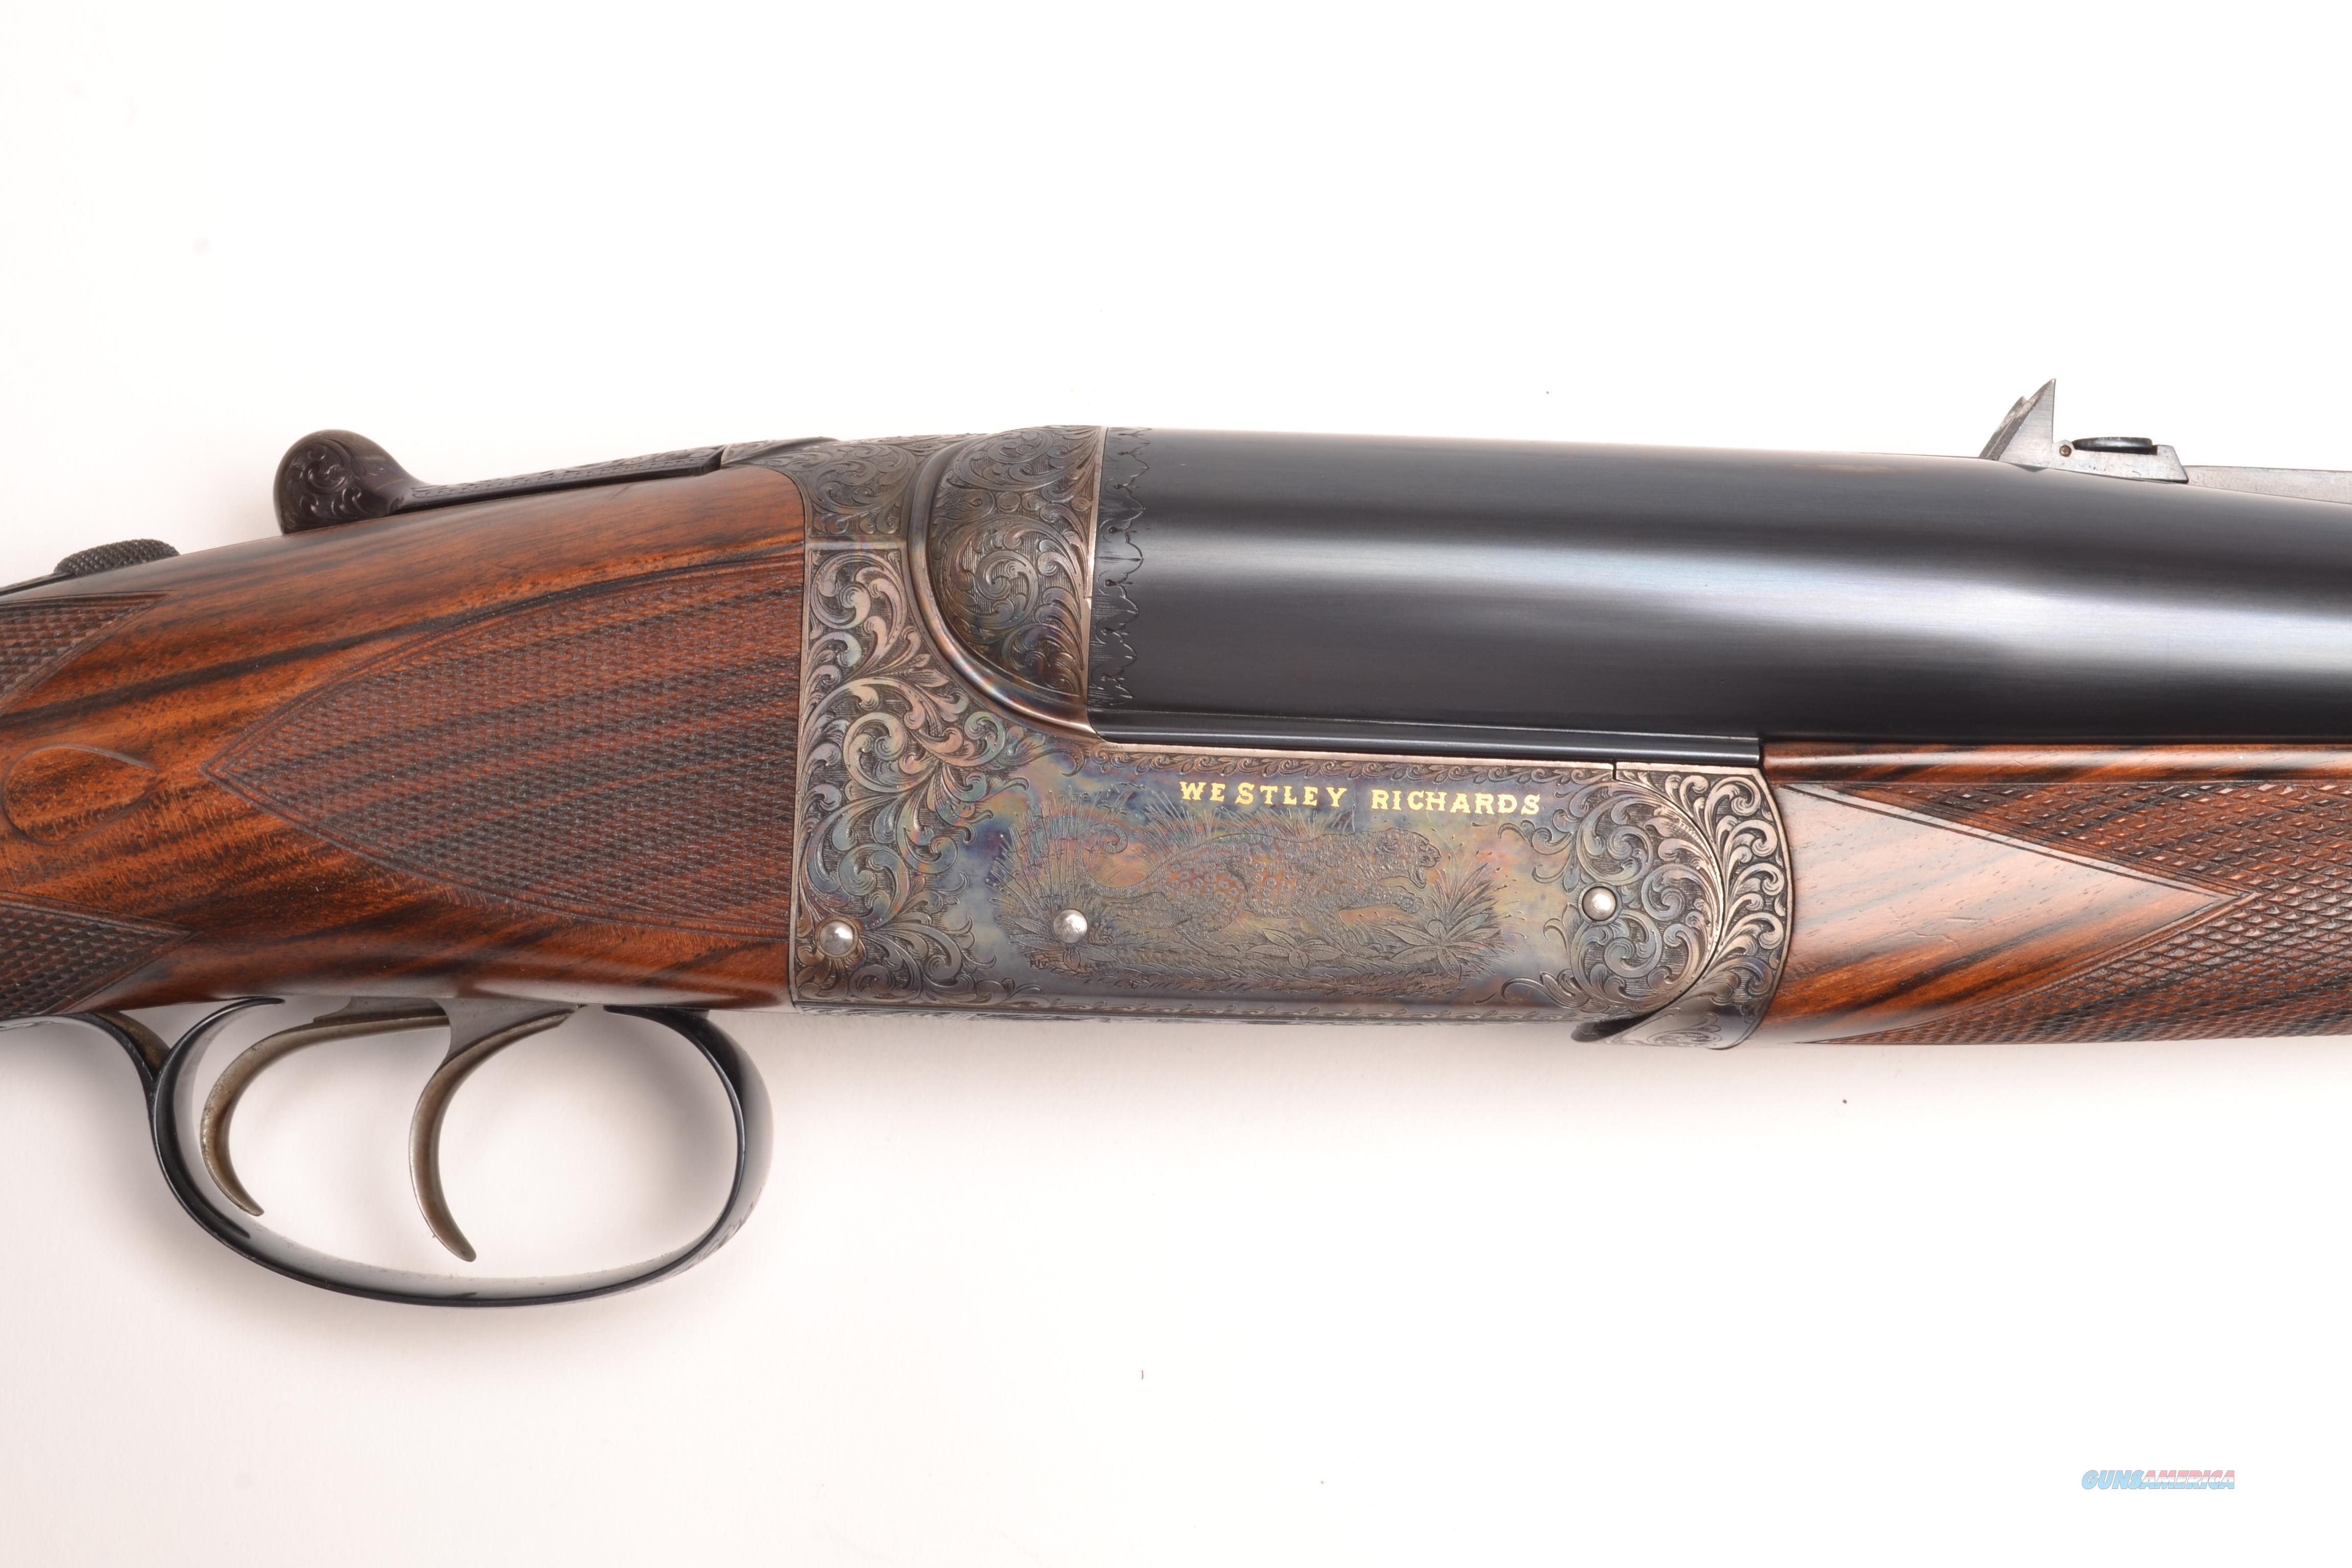 """Westley Richards - 600 Nitro Express, Double Rifle, 25"""" barrels  Guns > Rifles > Westley Richards Rifles"""